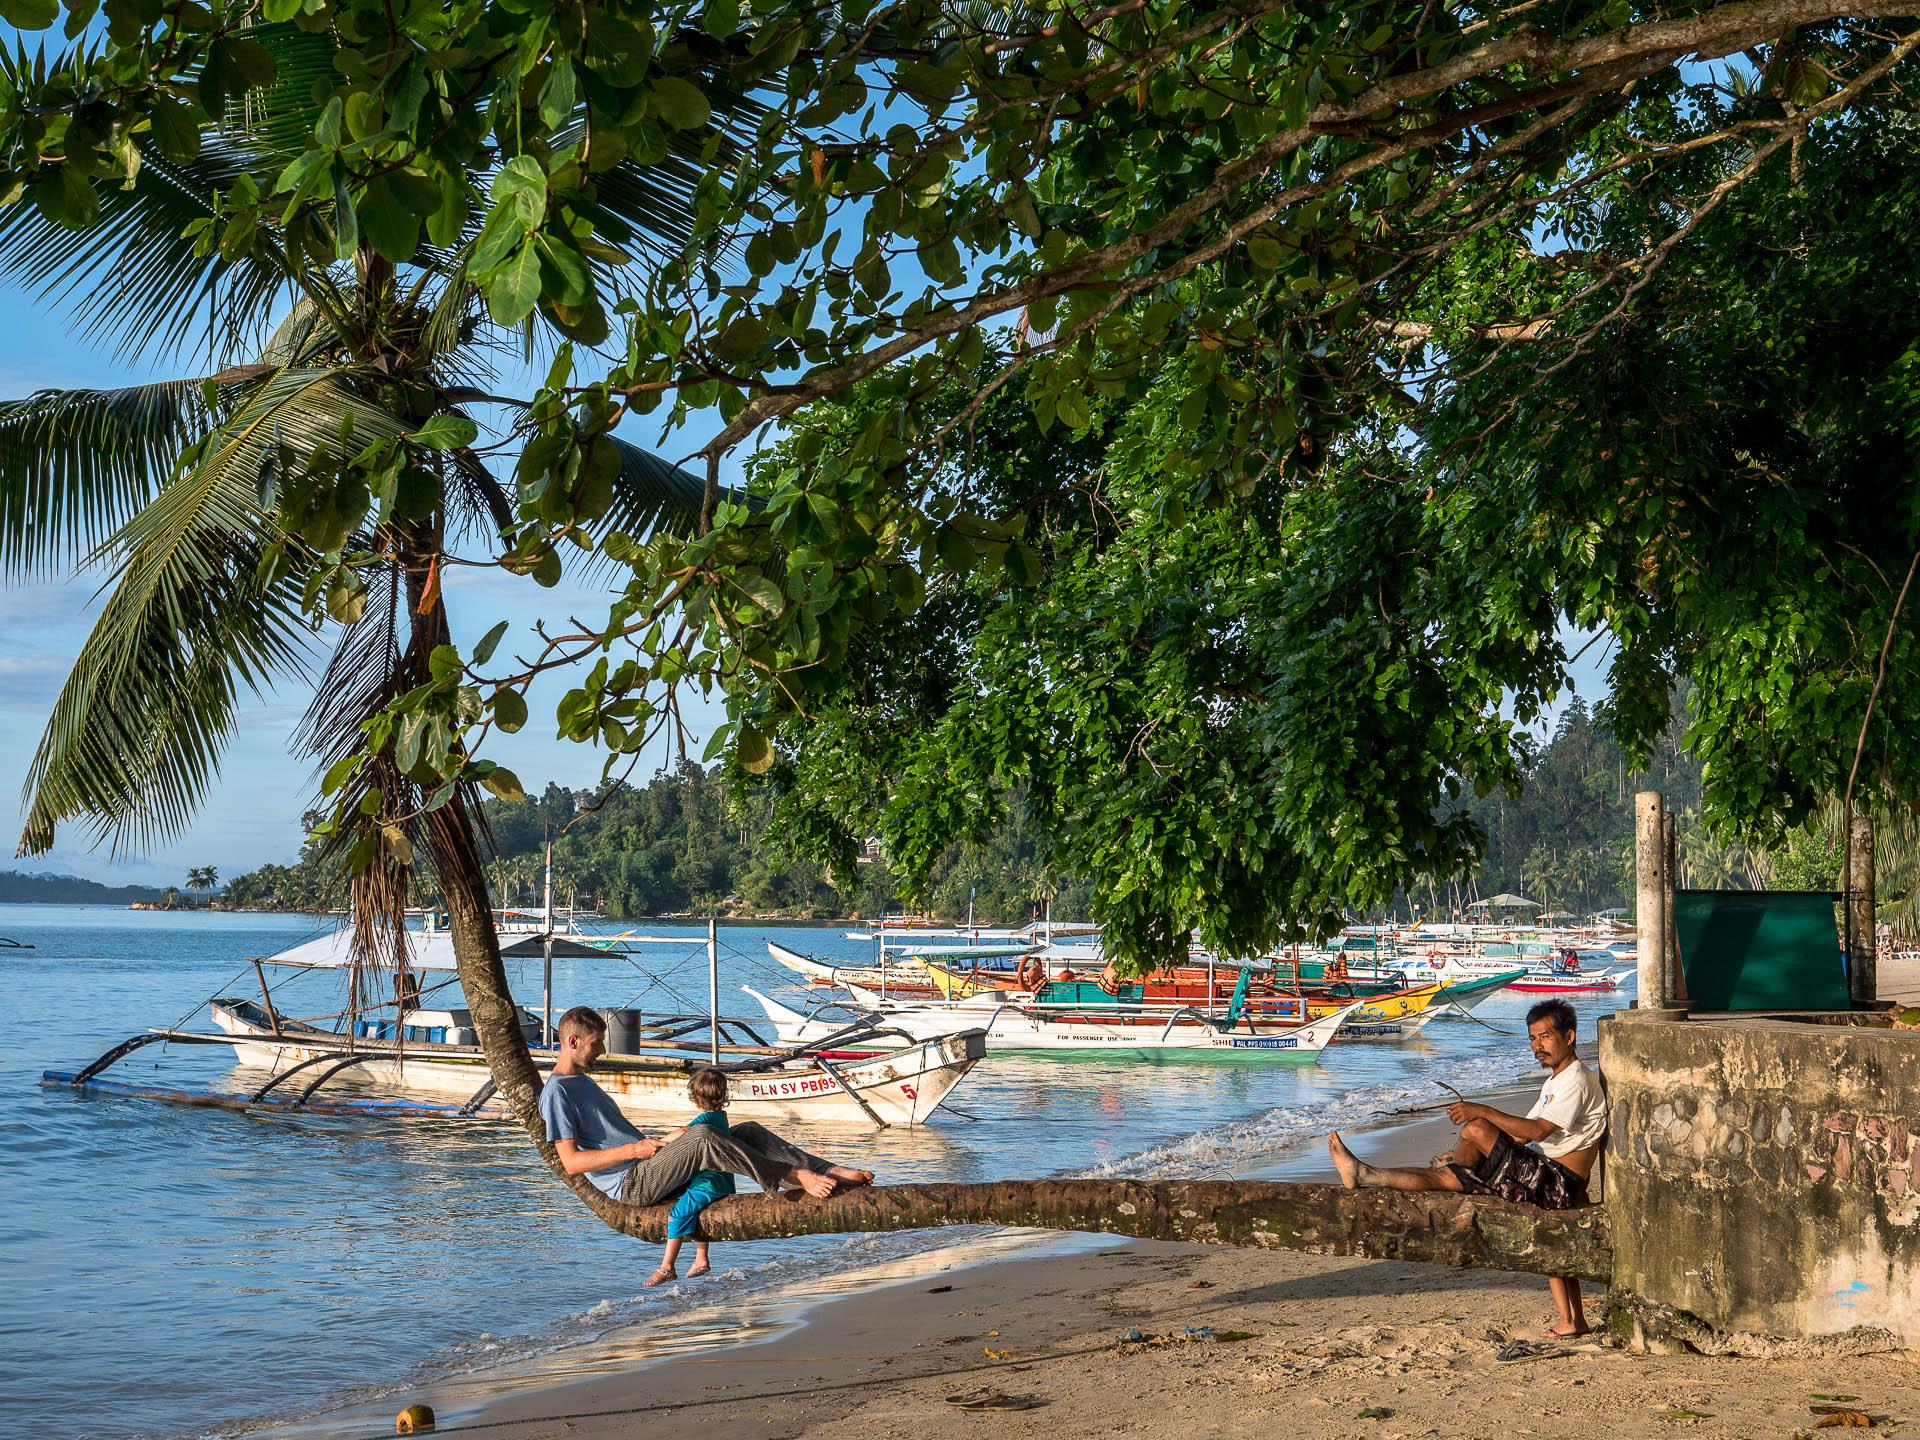 Port barton SH palmier - Les globe blogueurs - blog voyage nature